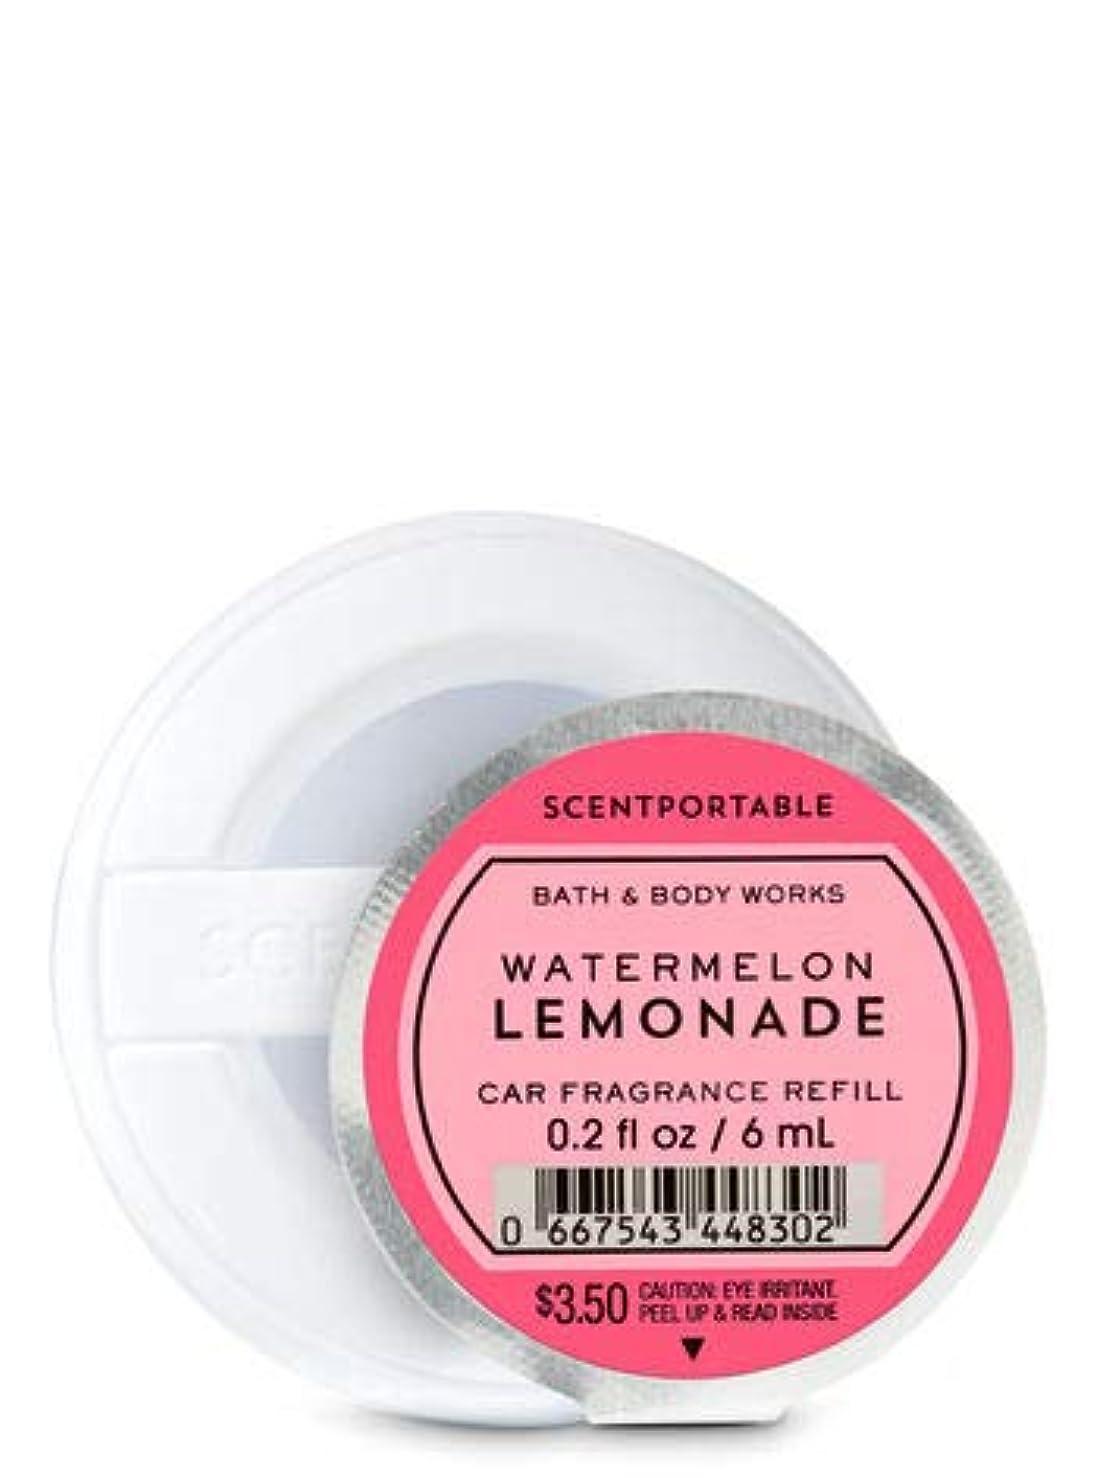 列挙するあなたのもの常習者【Bath&Body Works/バス&ボディワークス】 クリップ式芳香剤 セントポータブル詰替えリフィル ウォーターメロンレモネード Scentportable Fragrance Refill Watermelon Lemonade [並行輸入品]